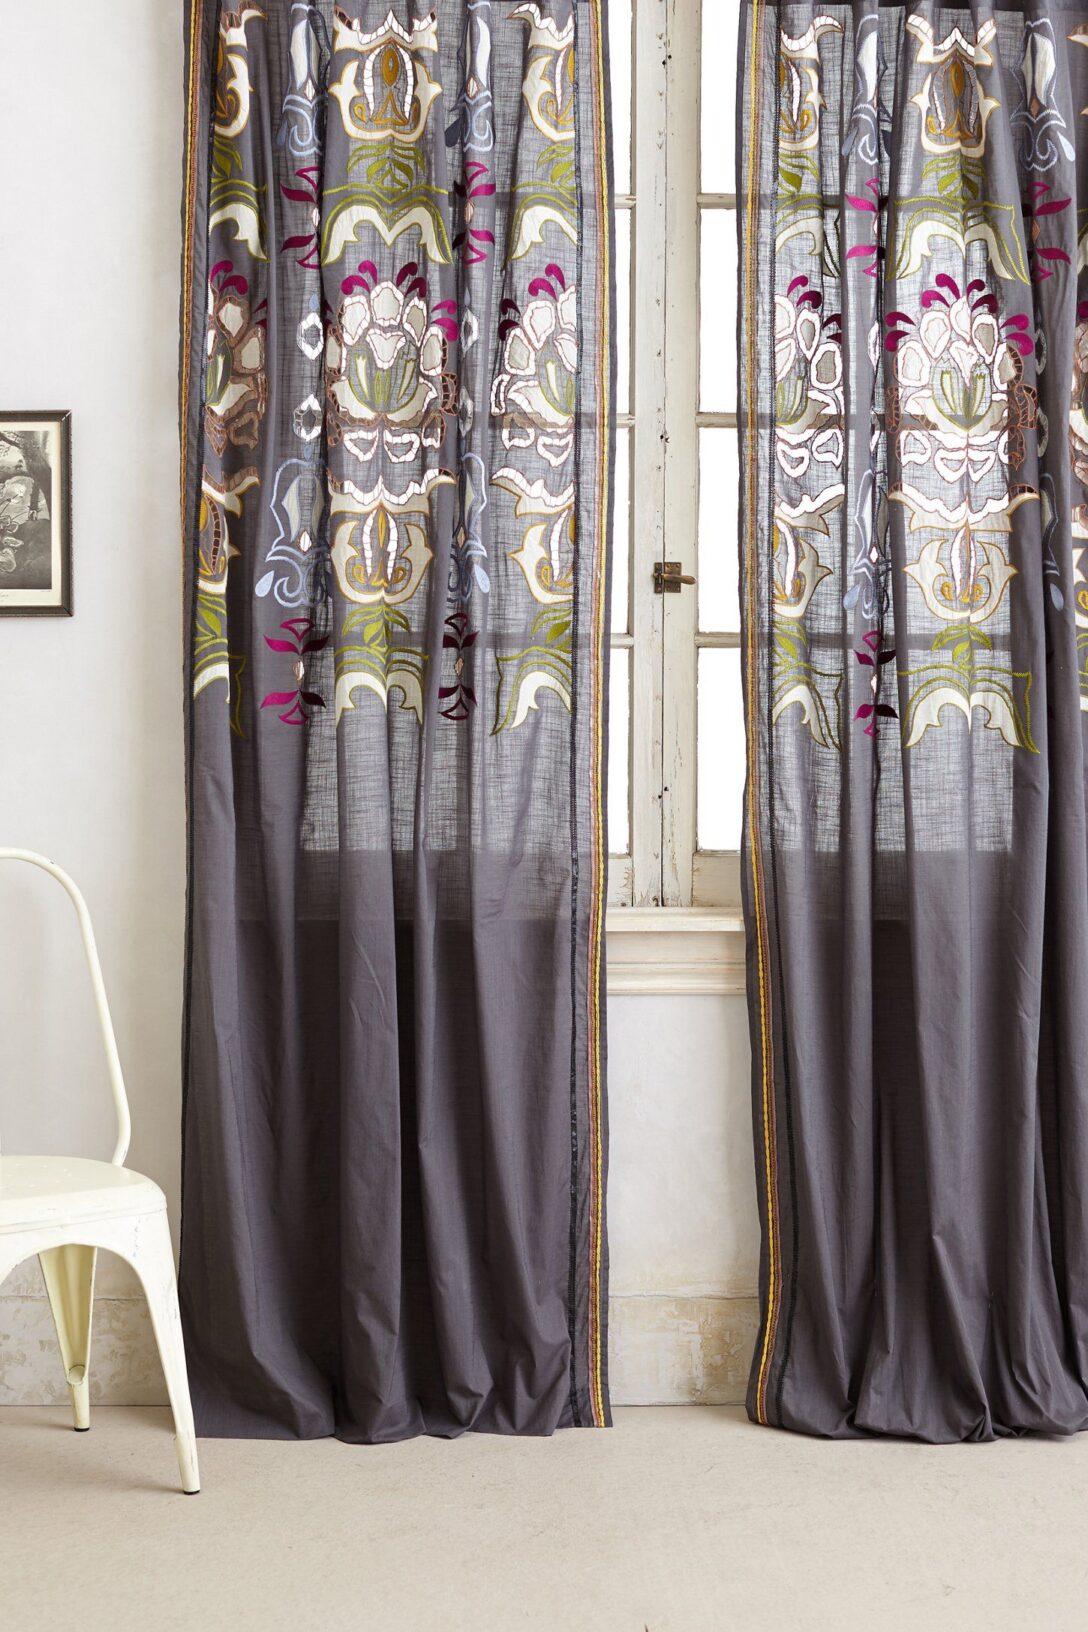 Large Size of Adjustable Double Curtain Rod Gardinen Rollos Für Die Küche Fenster Scheibengardinen Schlafzimmer Wohnzimmer Wohnzimmer Gardinen Doppelfenster